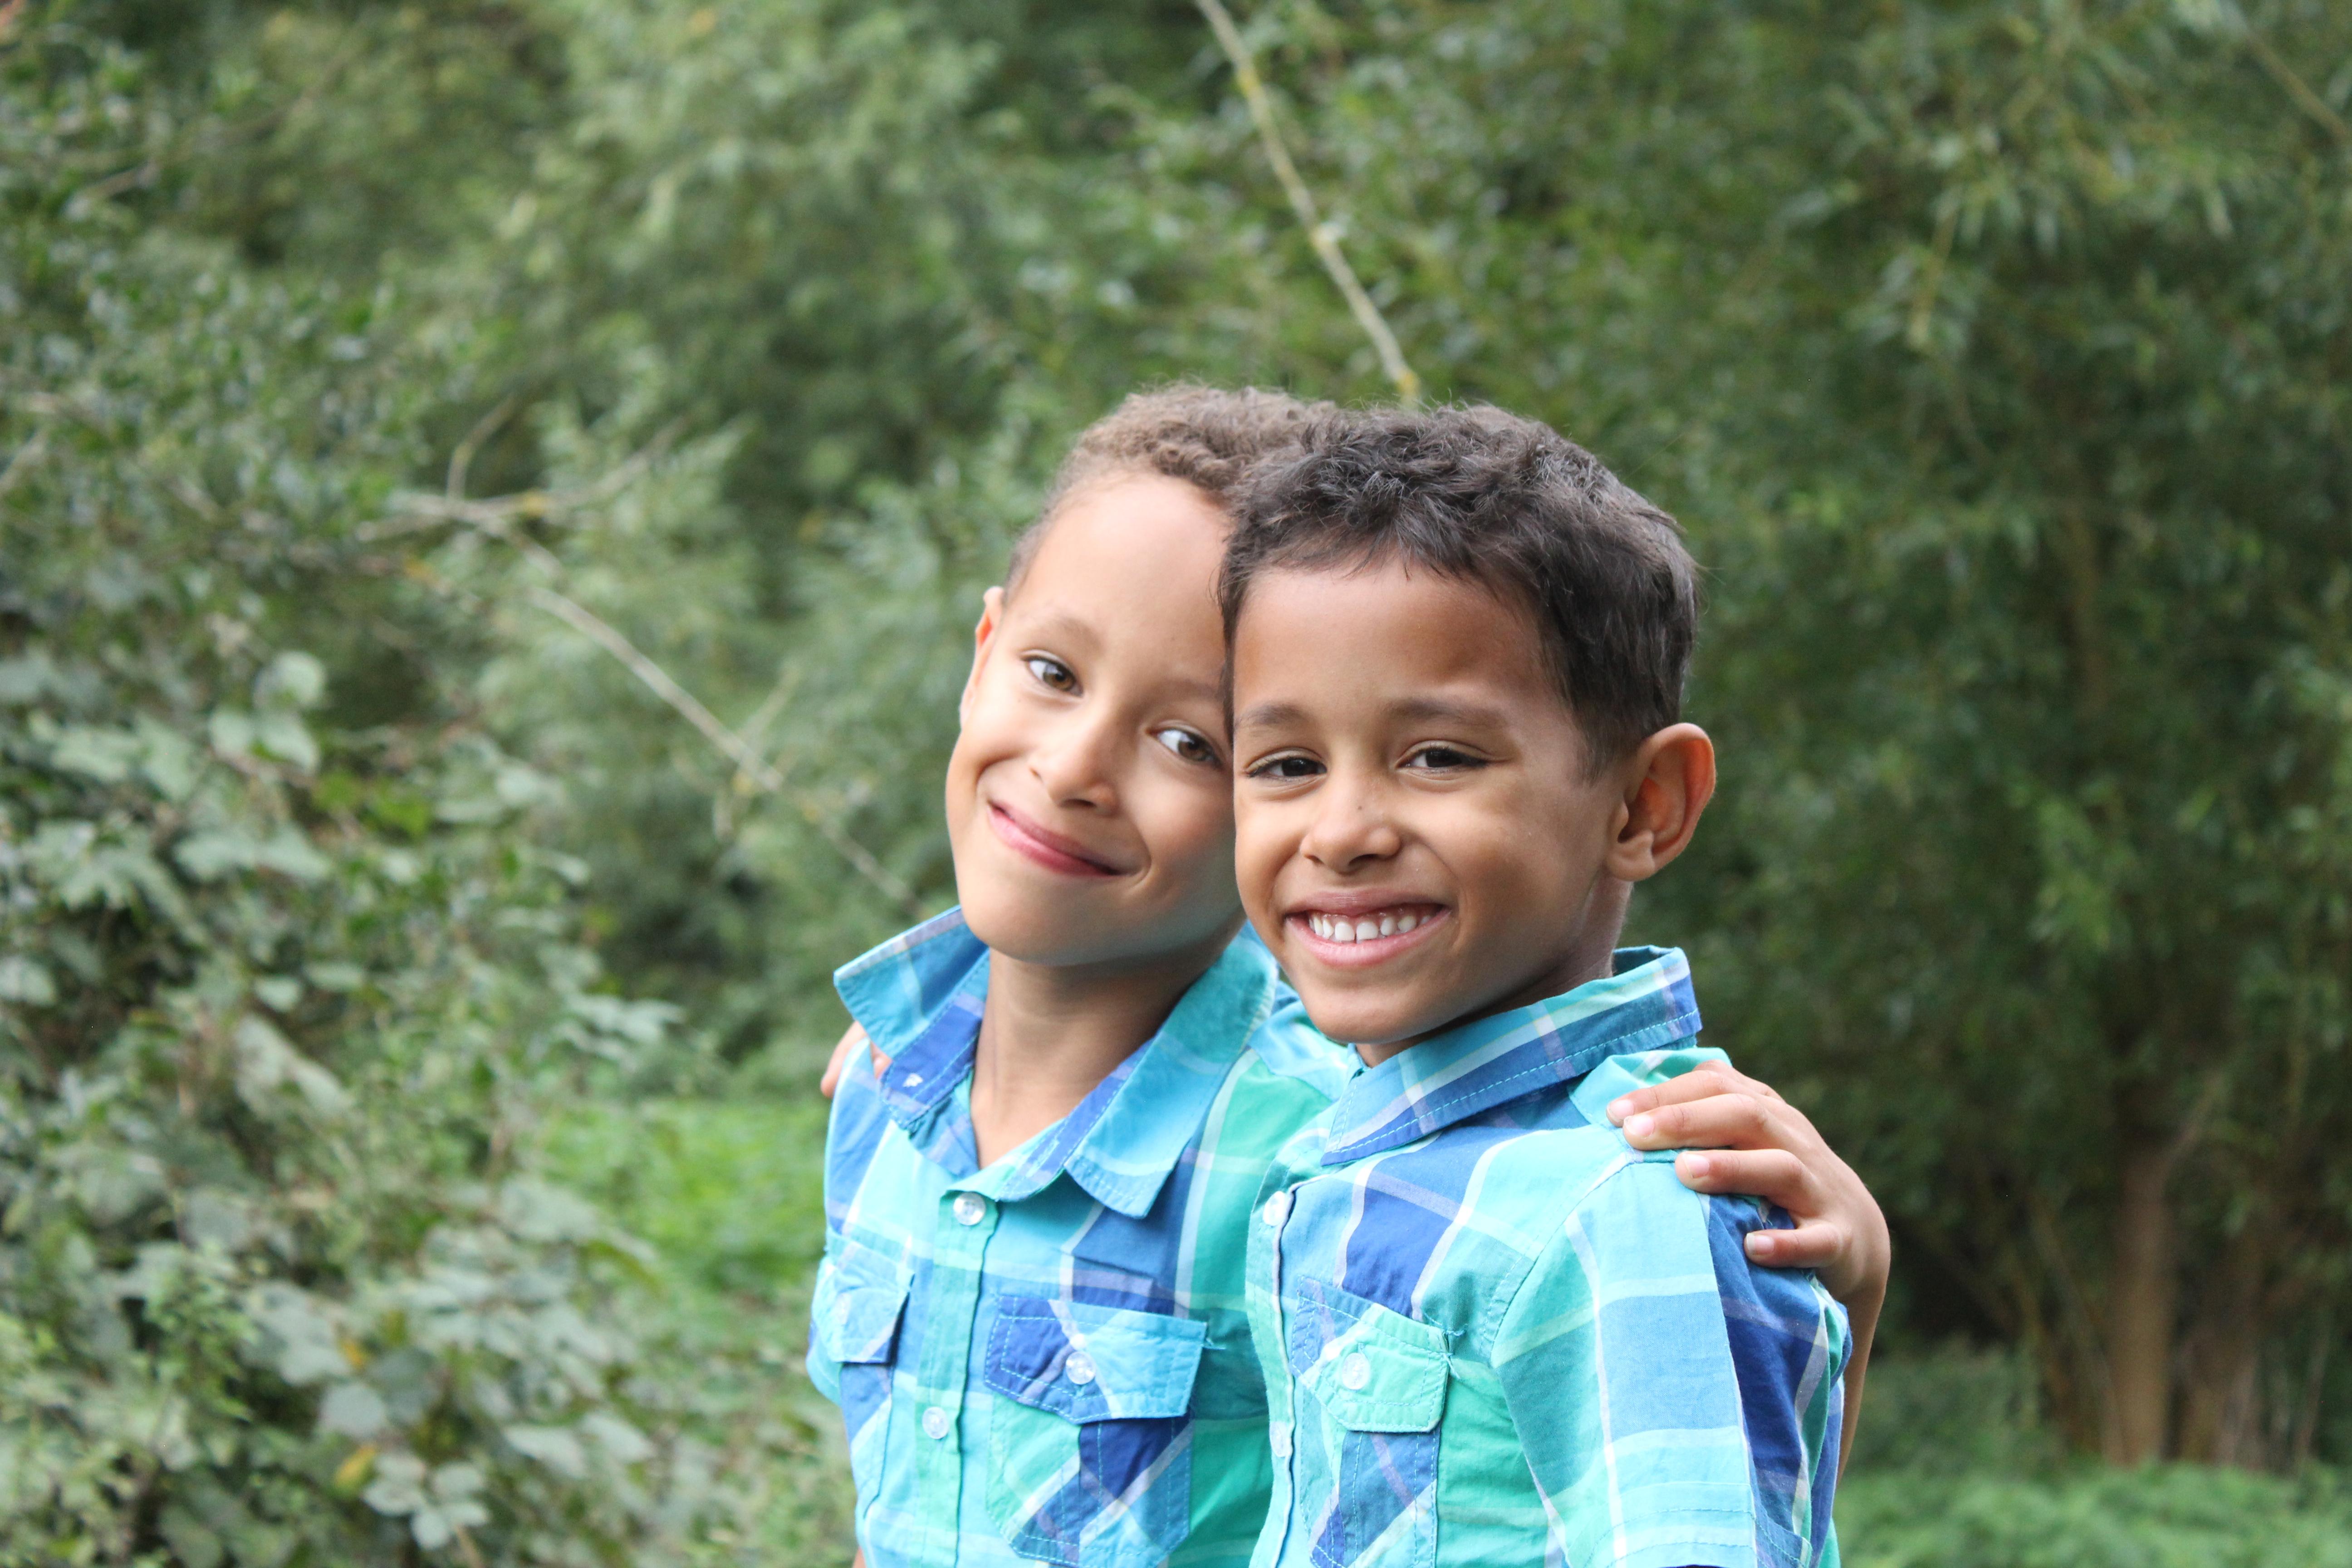 twins OSCAR & BAILEY MARTIN